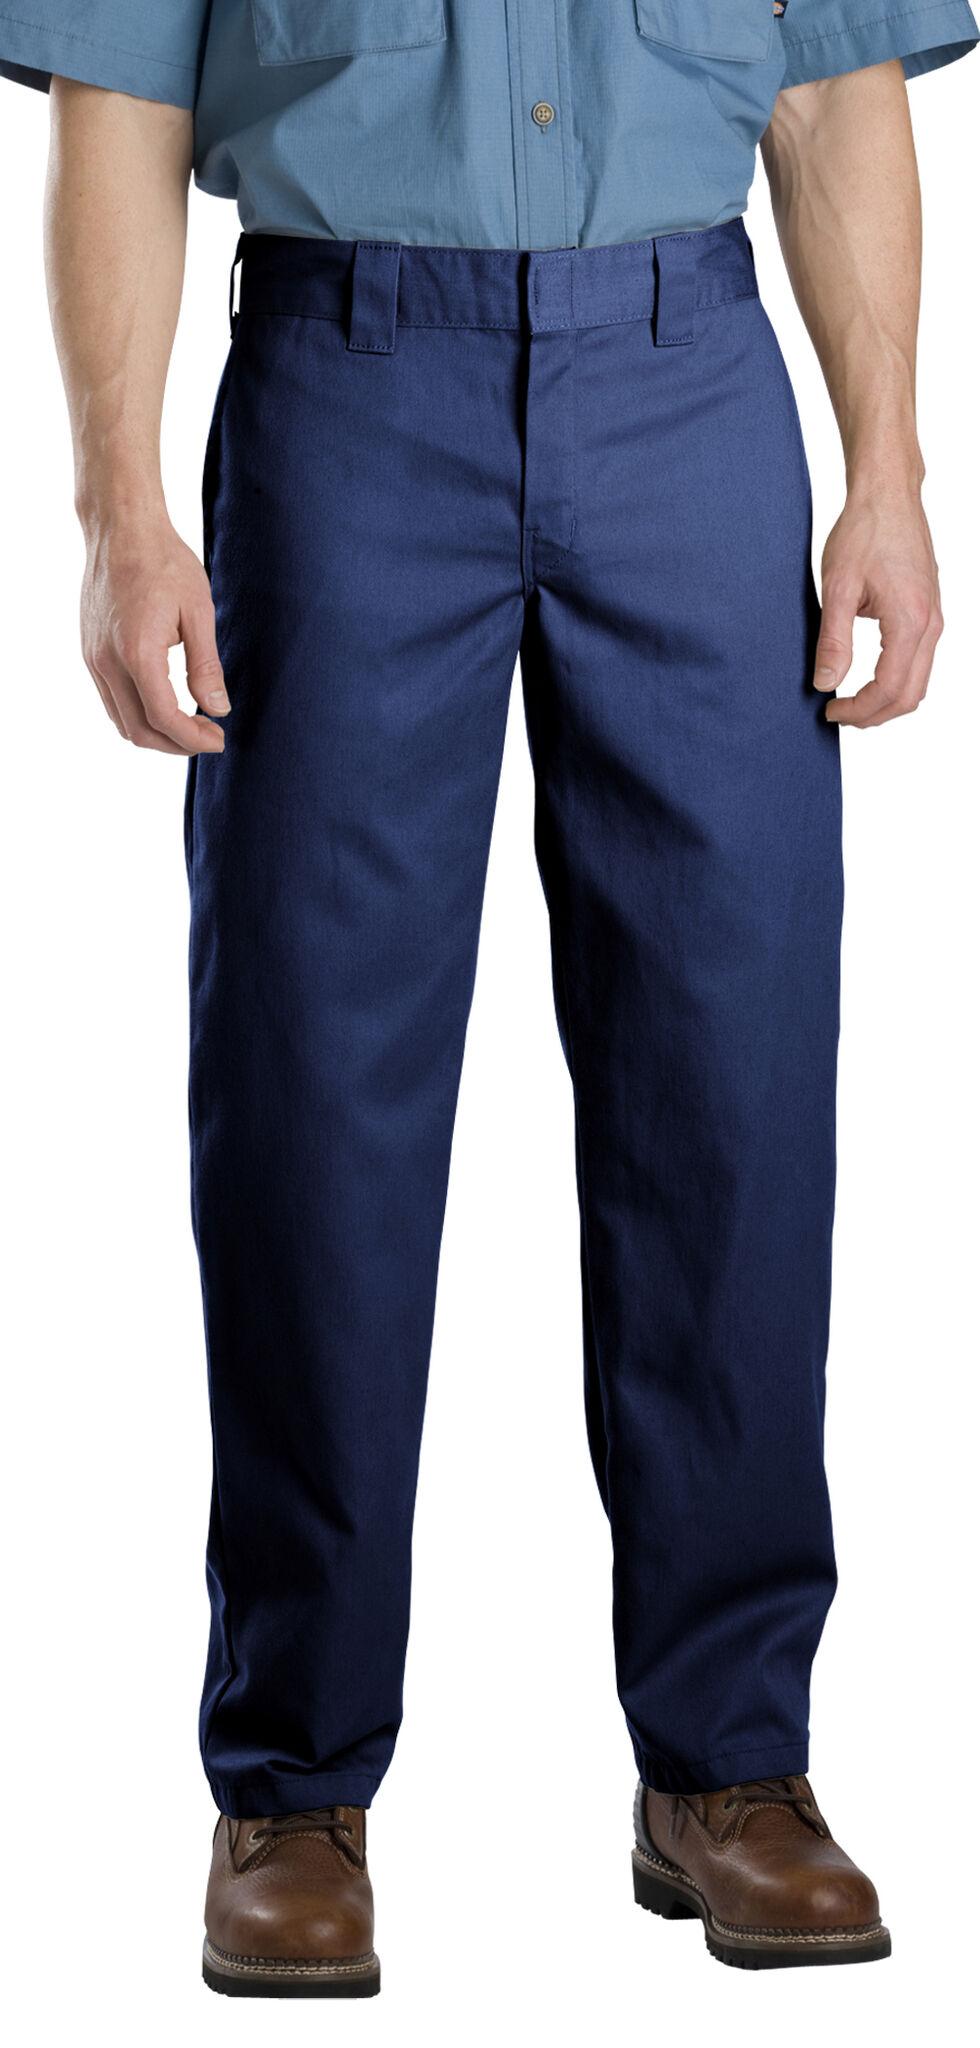 Dickies Slim Fit Straight Leg Work Pants, Navy, hi-res